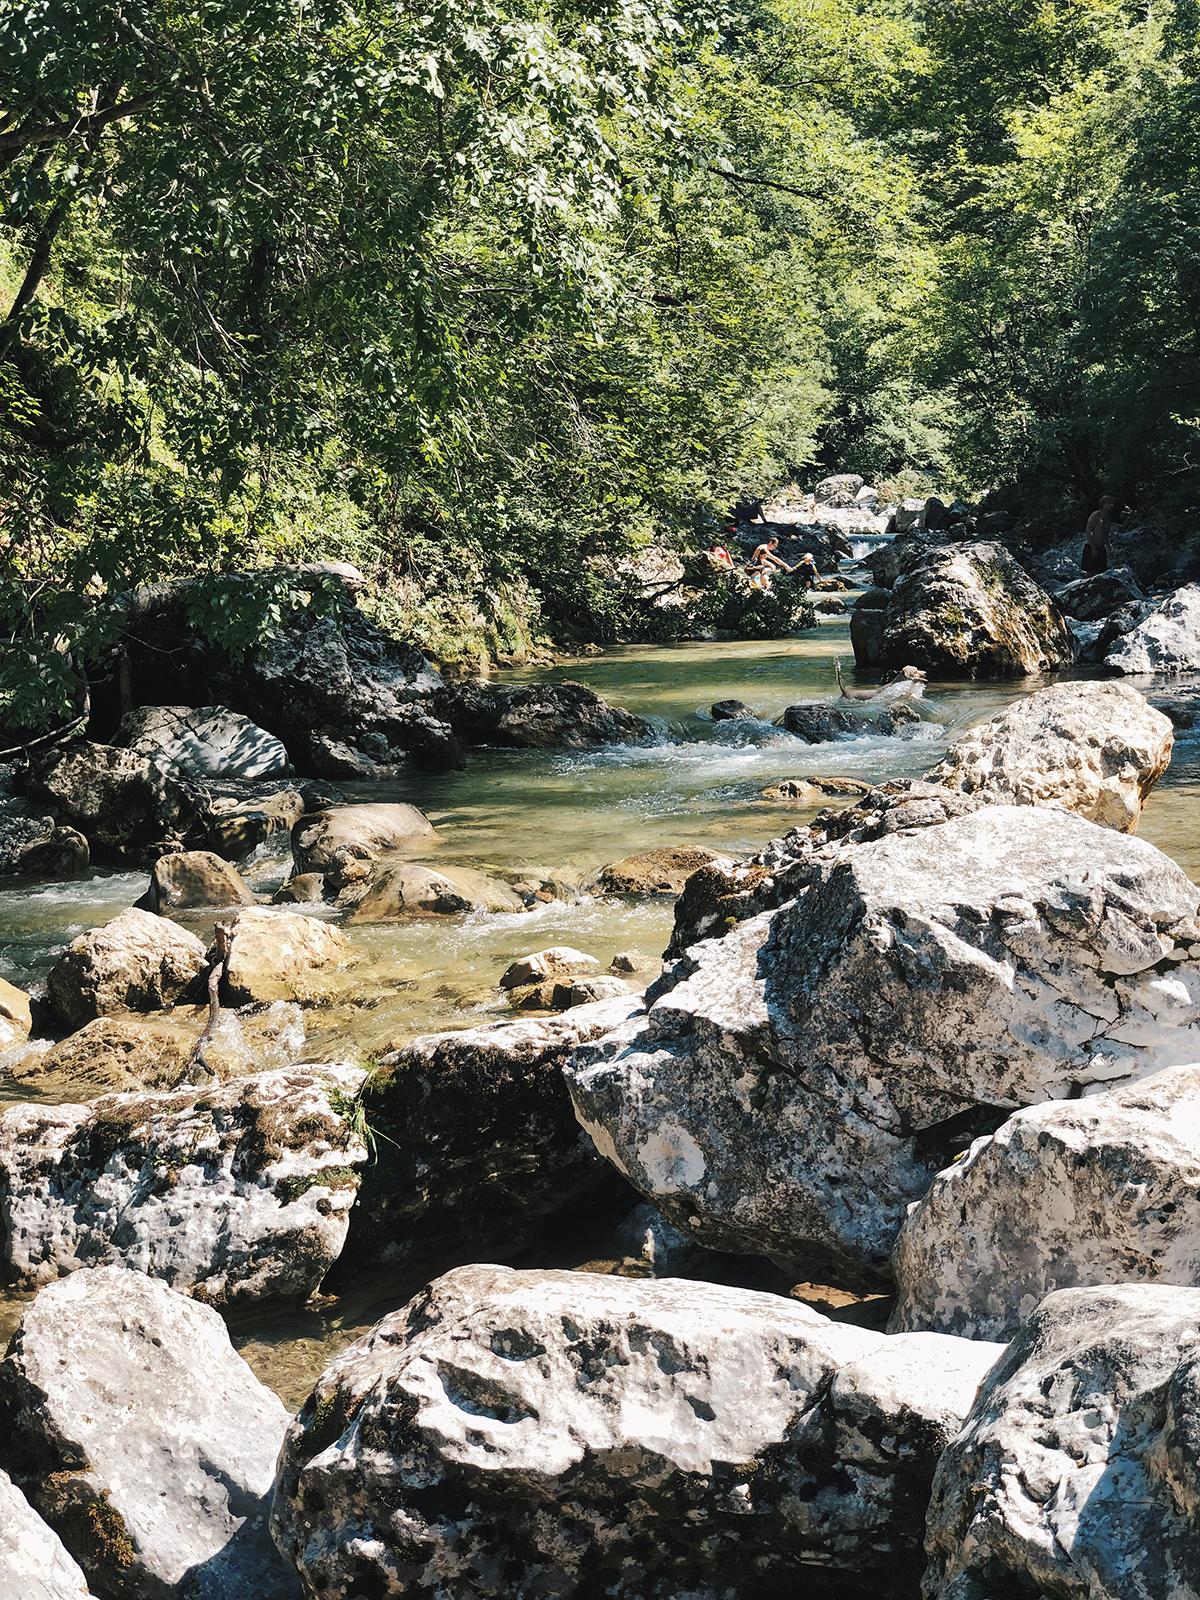 ohranimo-naravo-čisto-in-neokrnjeno-lili-in-roza-blog-skrb-za-okolje-reke-1.JPG